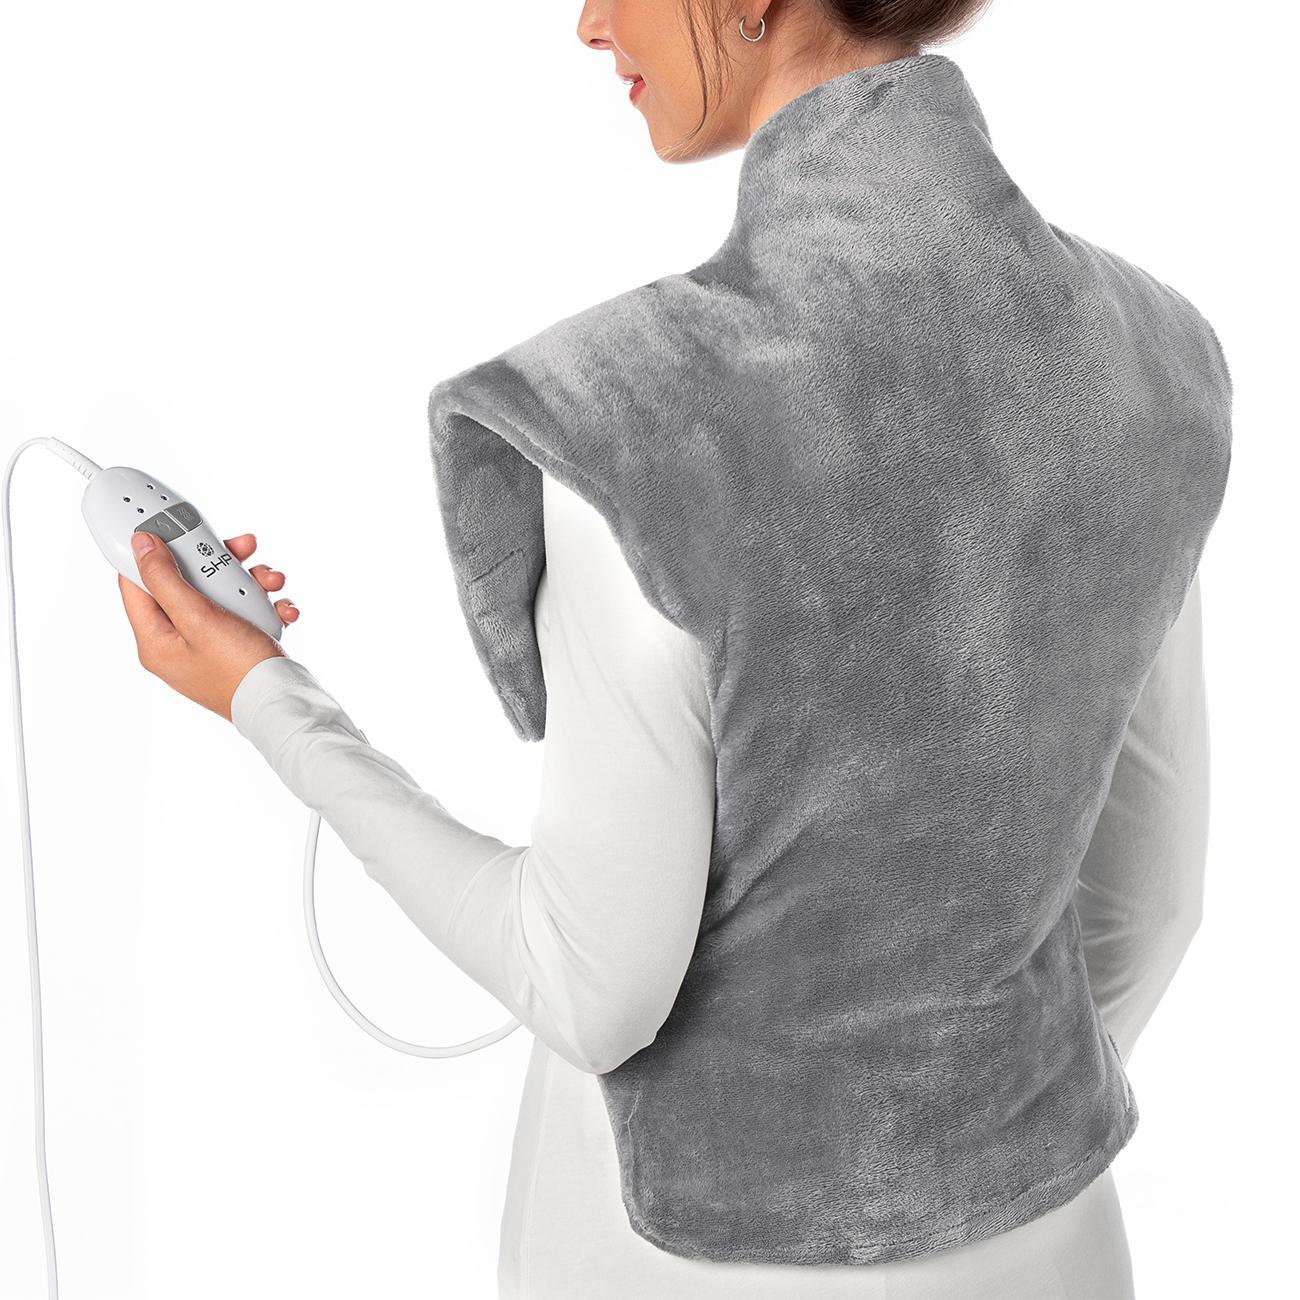 le coussin chauffant pour soulager les maux de dos